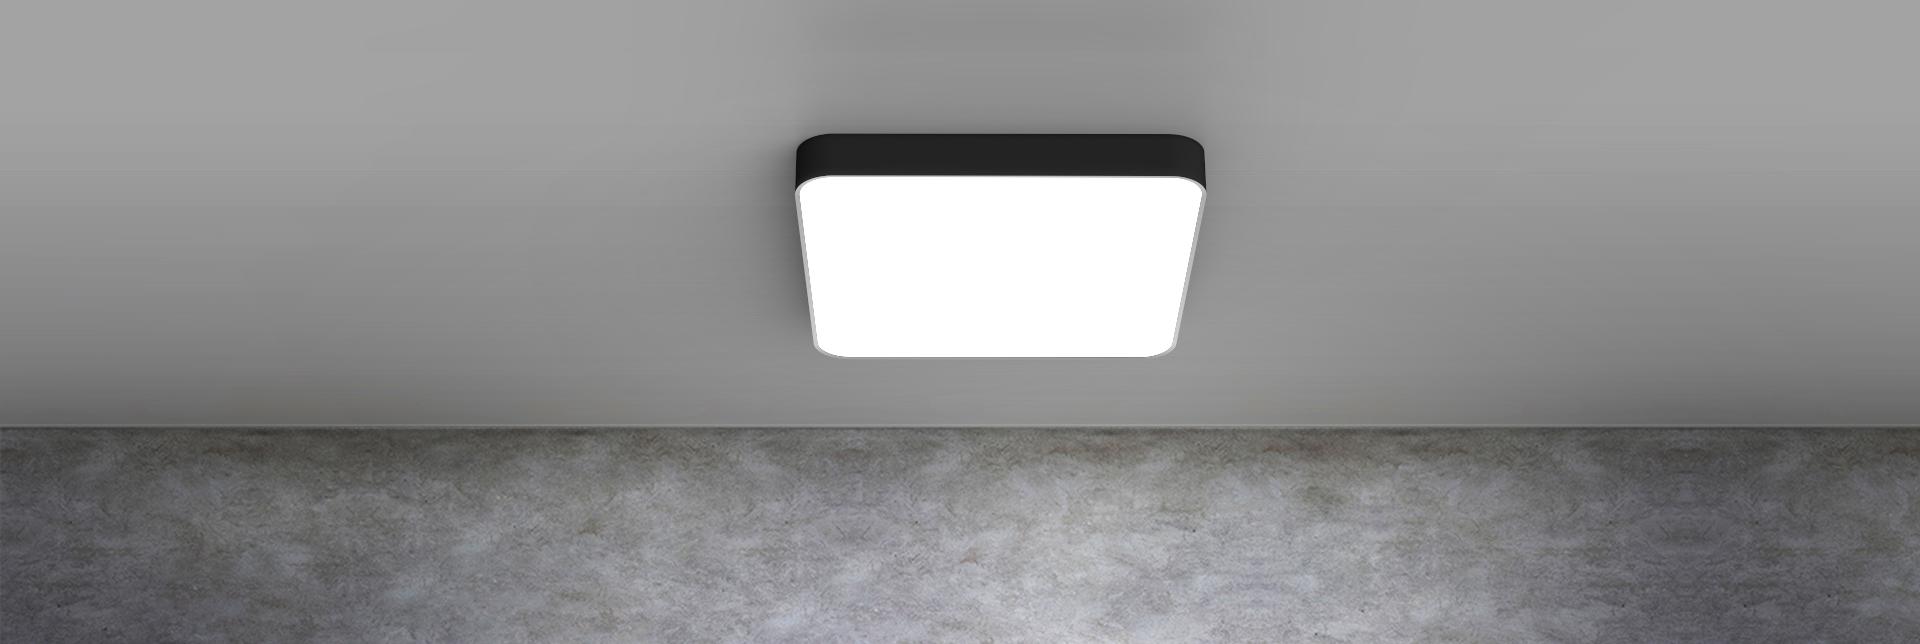 1007-09 - 39 - Tarras Surface - 1400 x 470 - 022.png